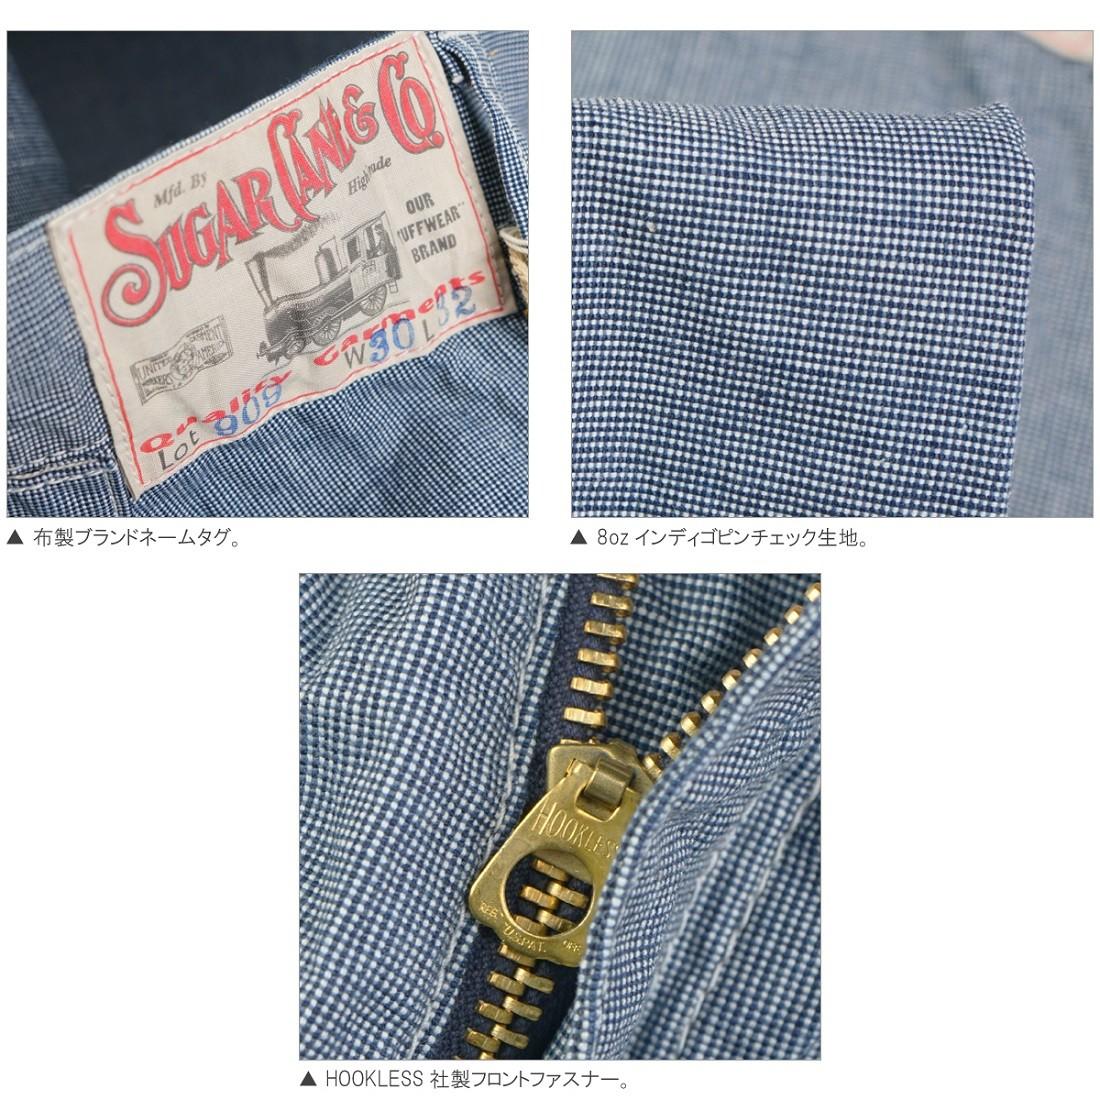 SC41909 シュガーケーン SUGAR CANE ワークパンツ 7